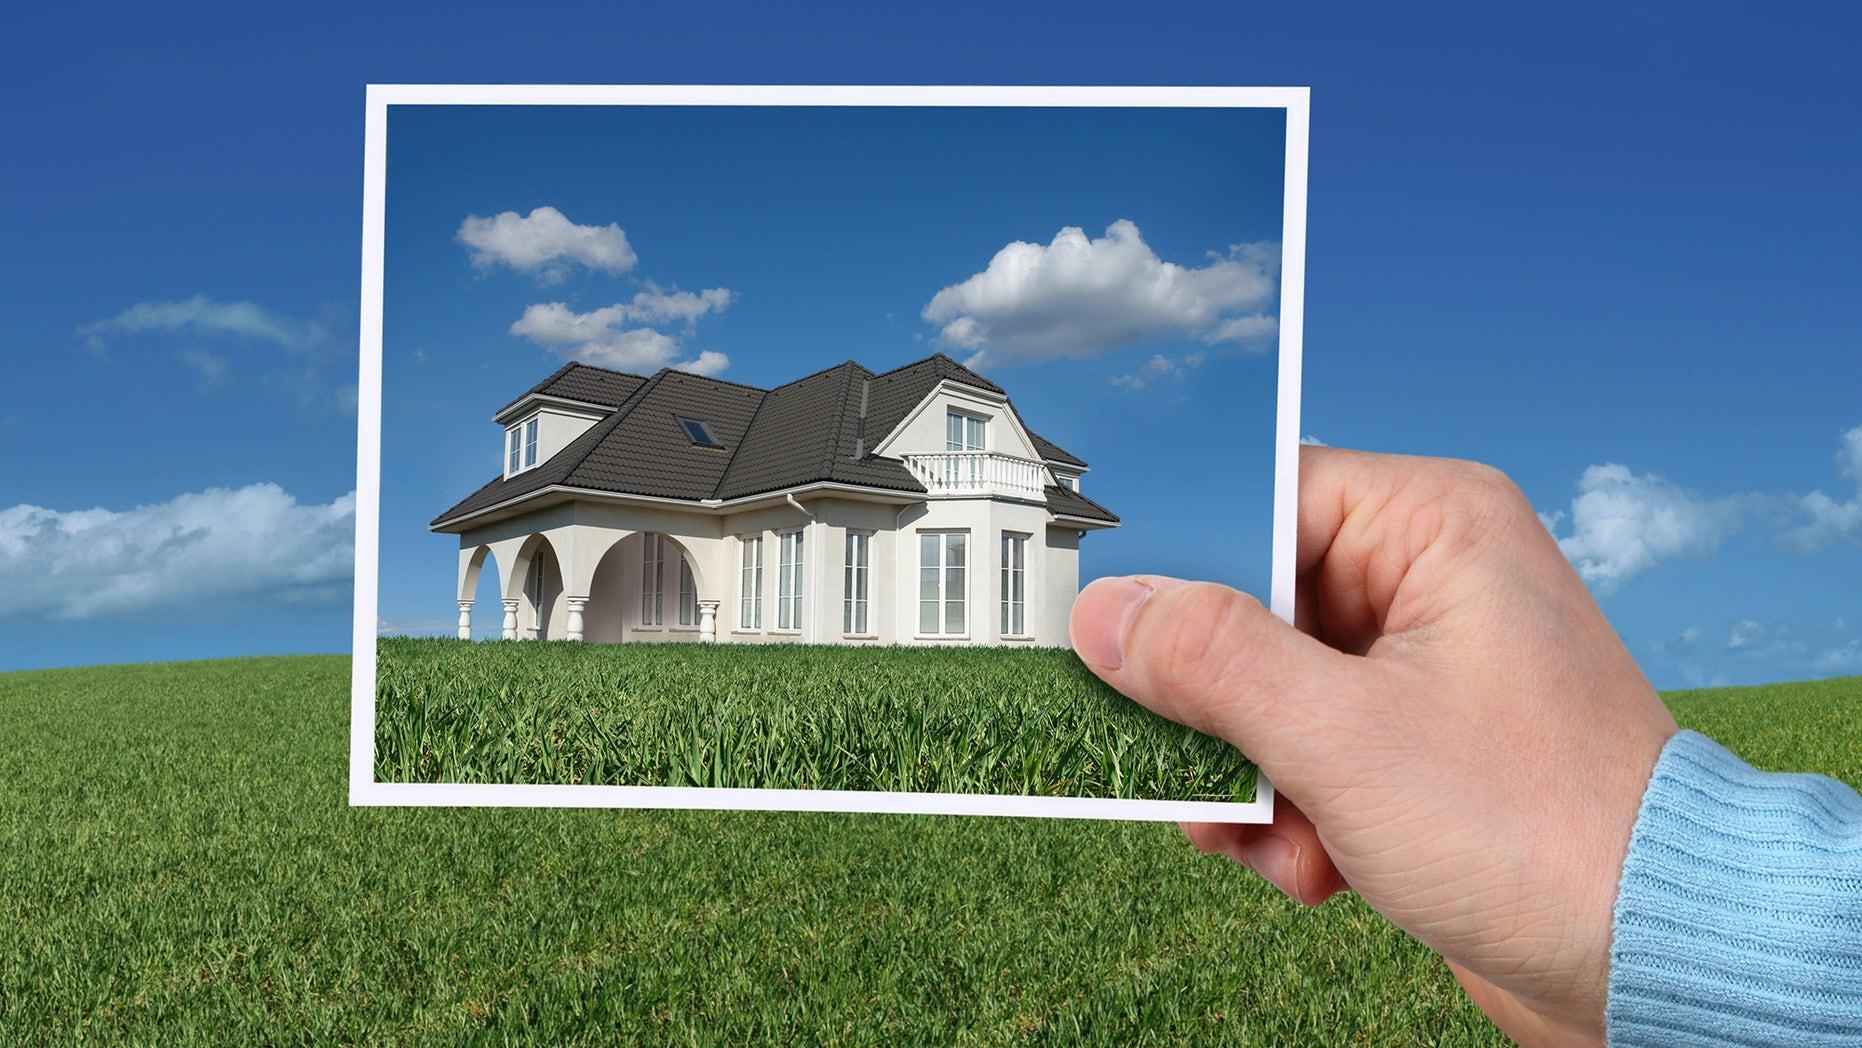 fha-loan-options